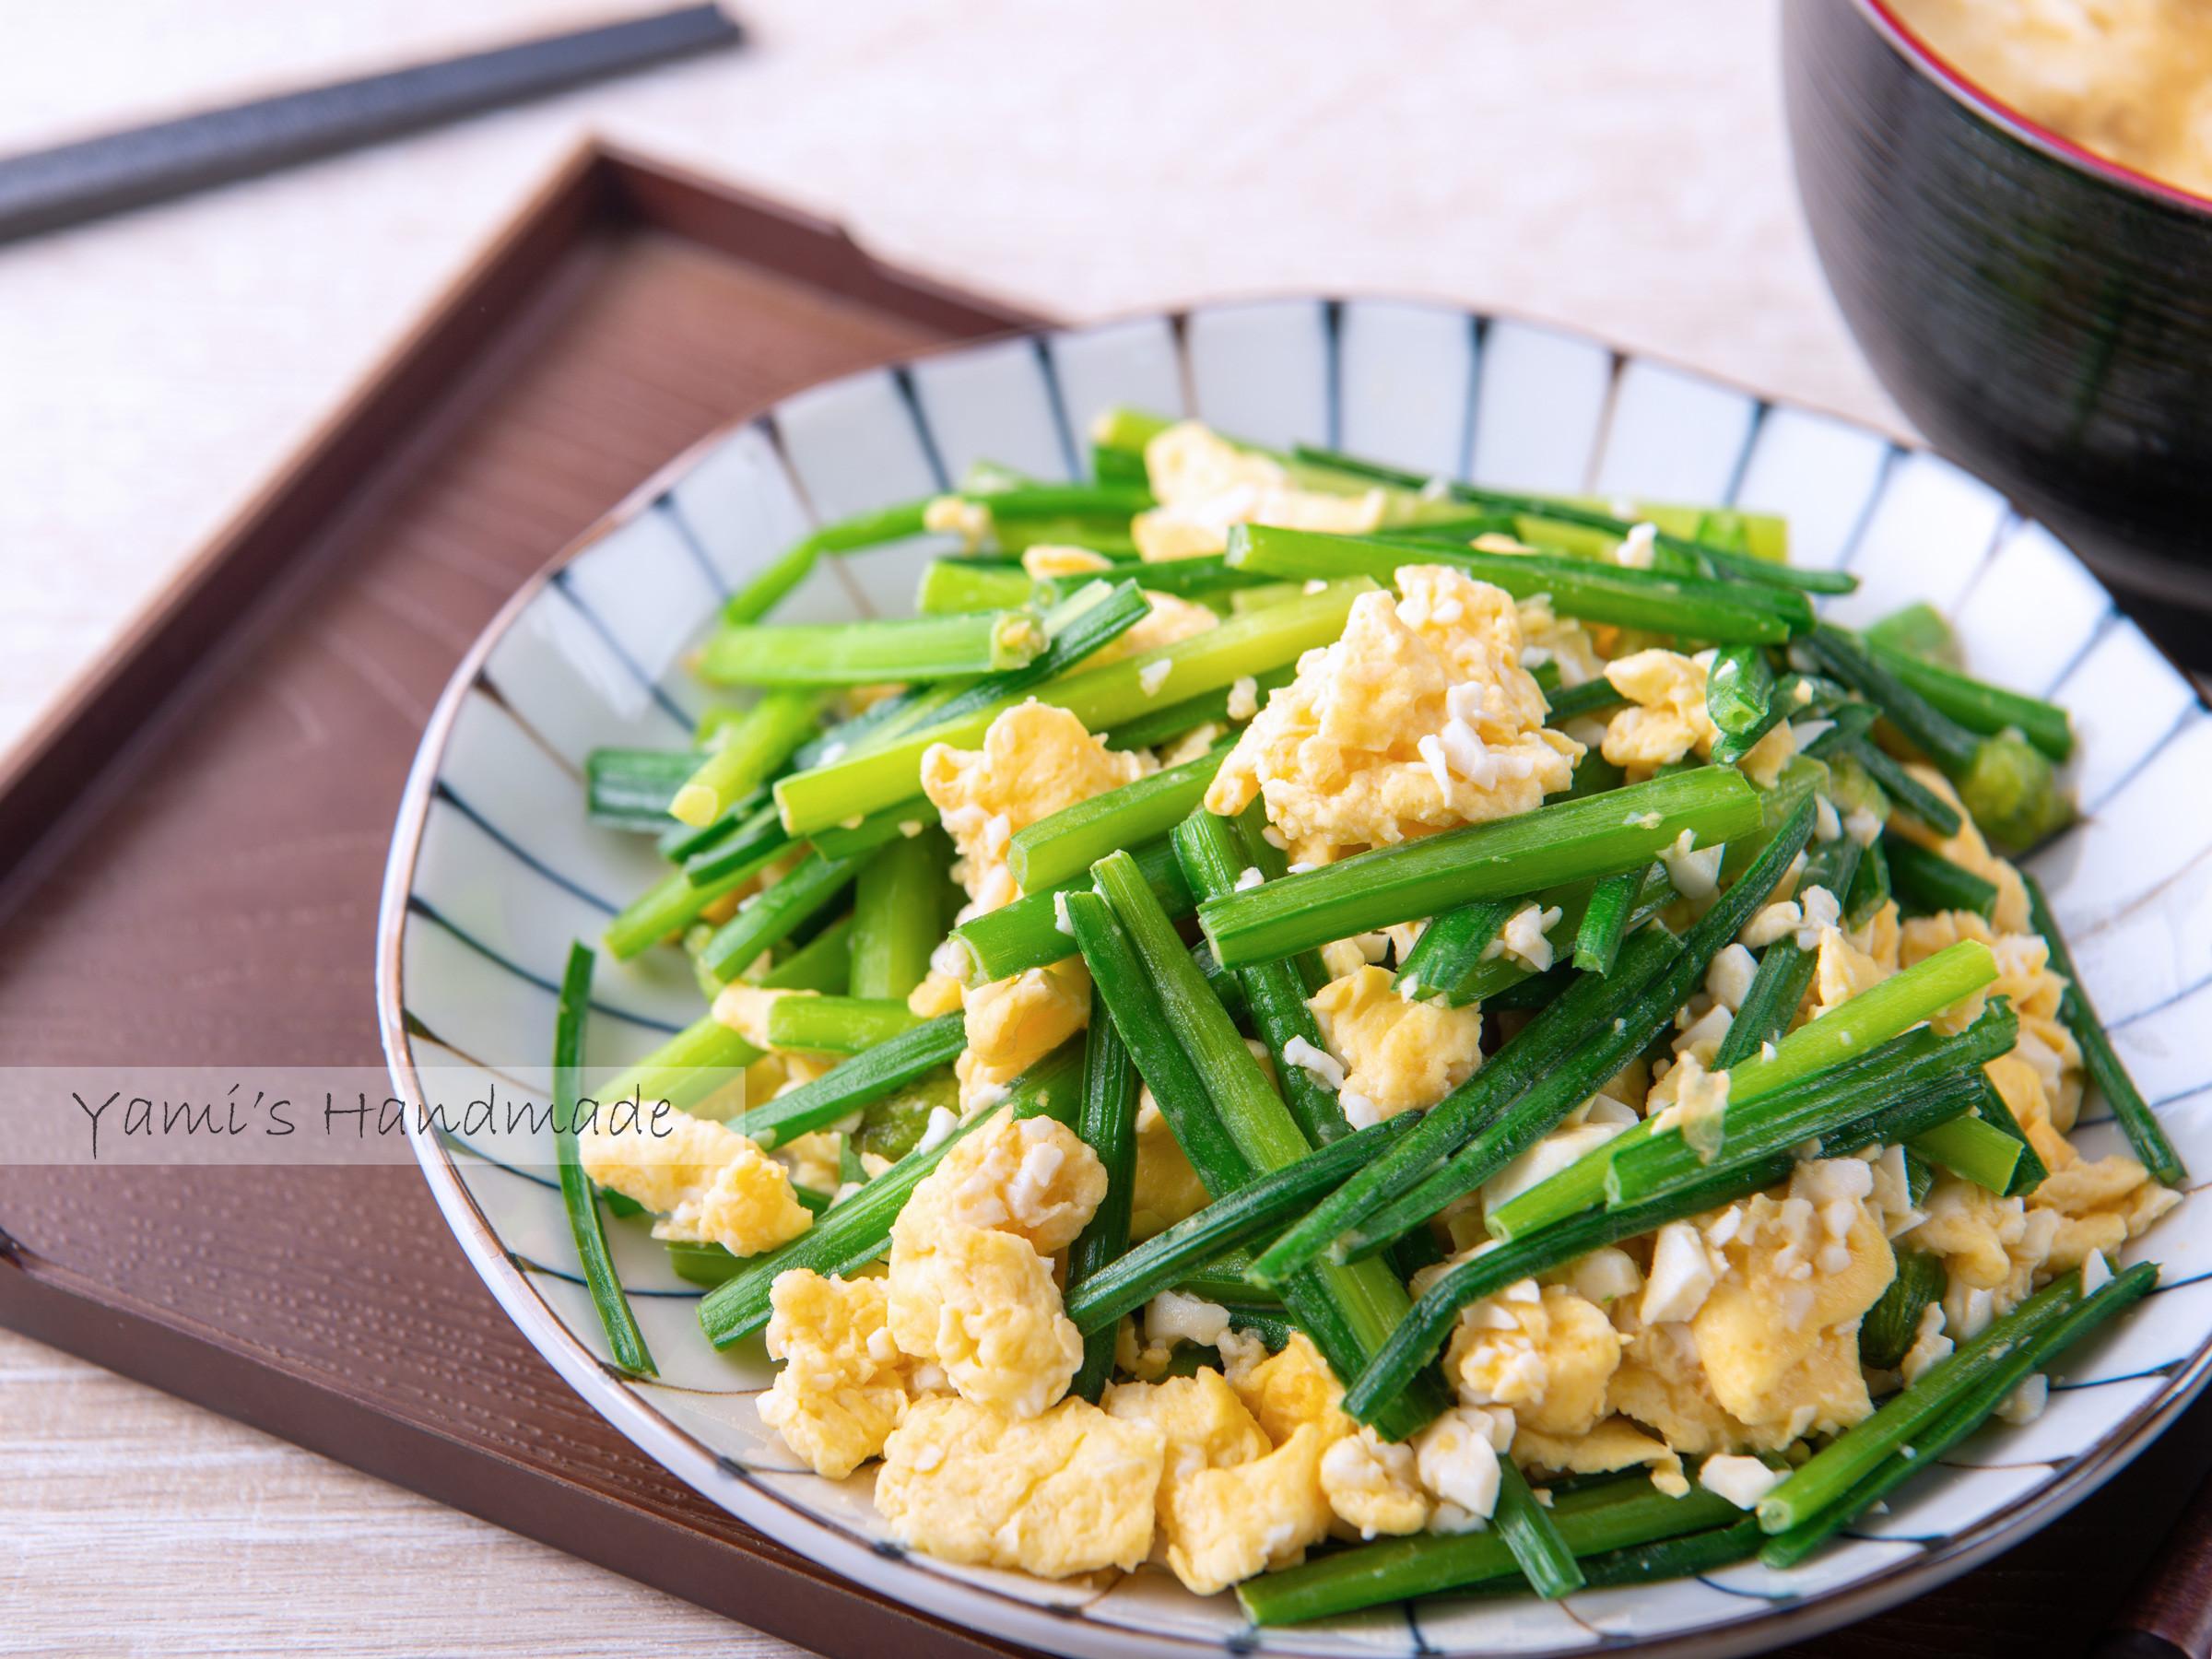 雙蛋炒韭菜花(鹹蛋+雞蛋)【家常菜】